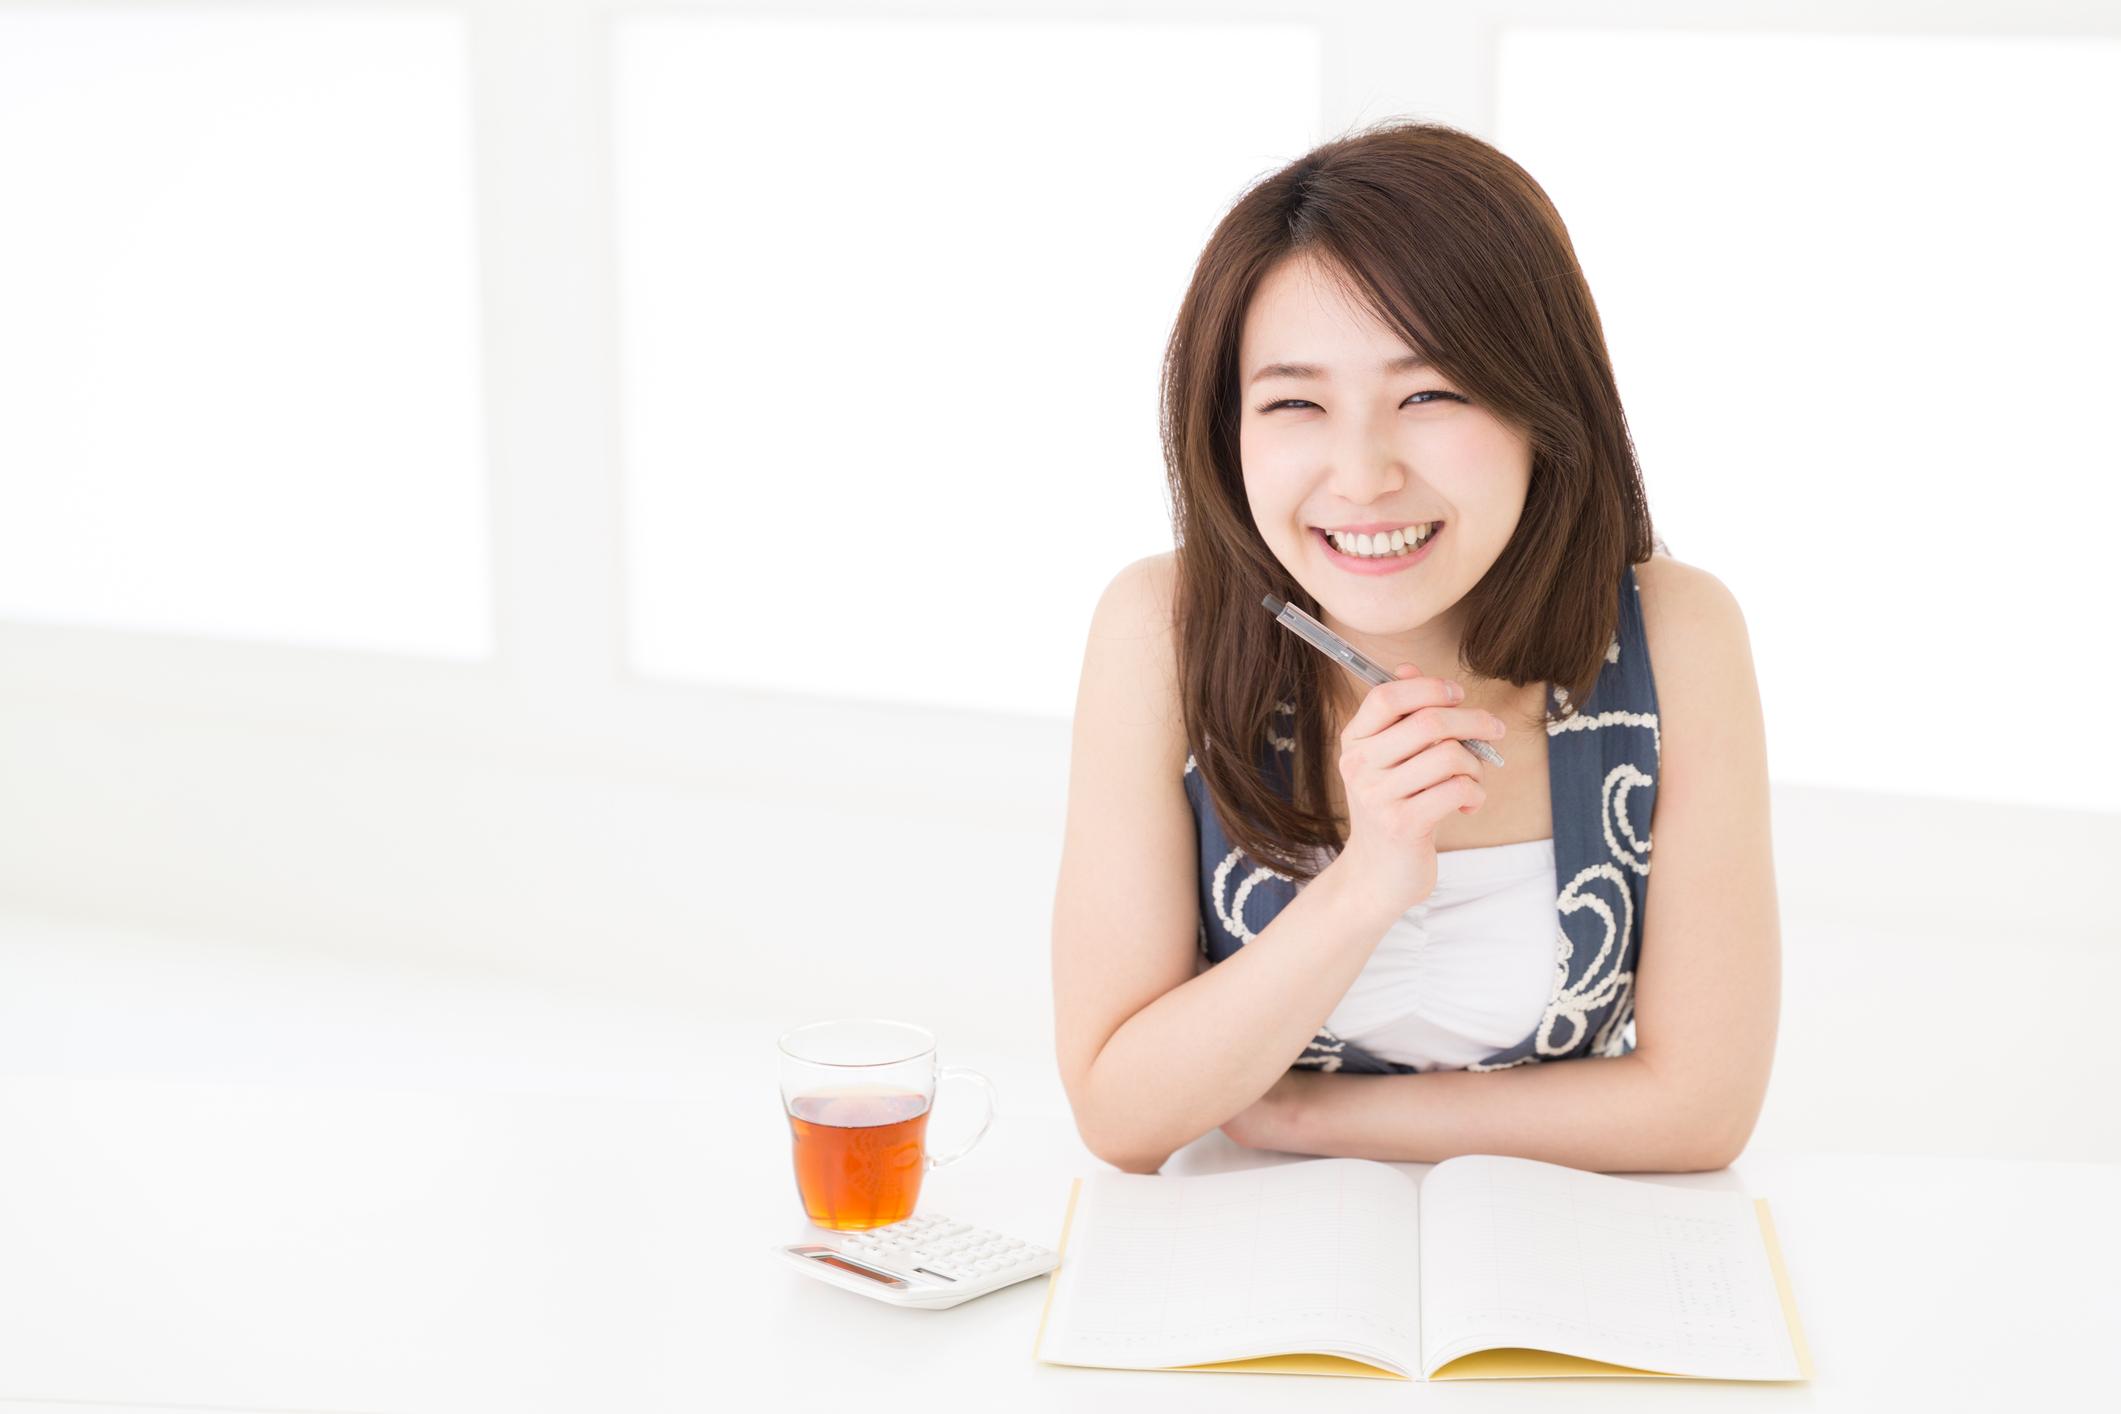 日本人學習中文大小事~為什麼日本人是使用簡體字呢~/日本人の中国語学習事情〜なぜ日本人は簡体字を使うのか〜